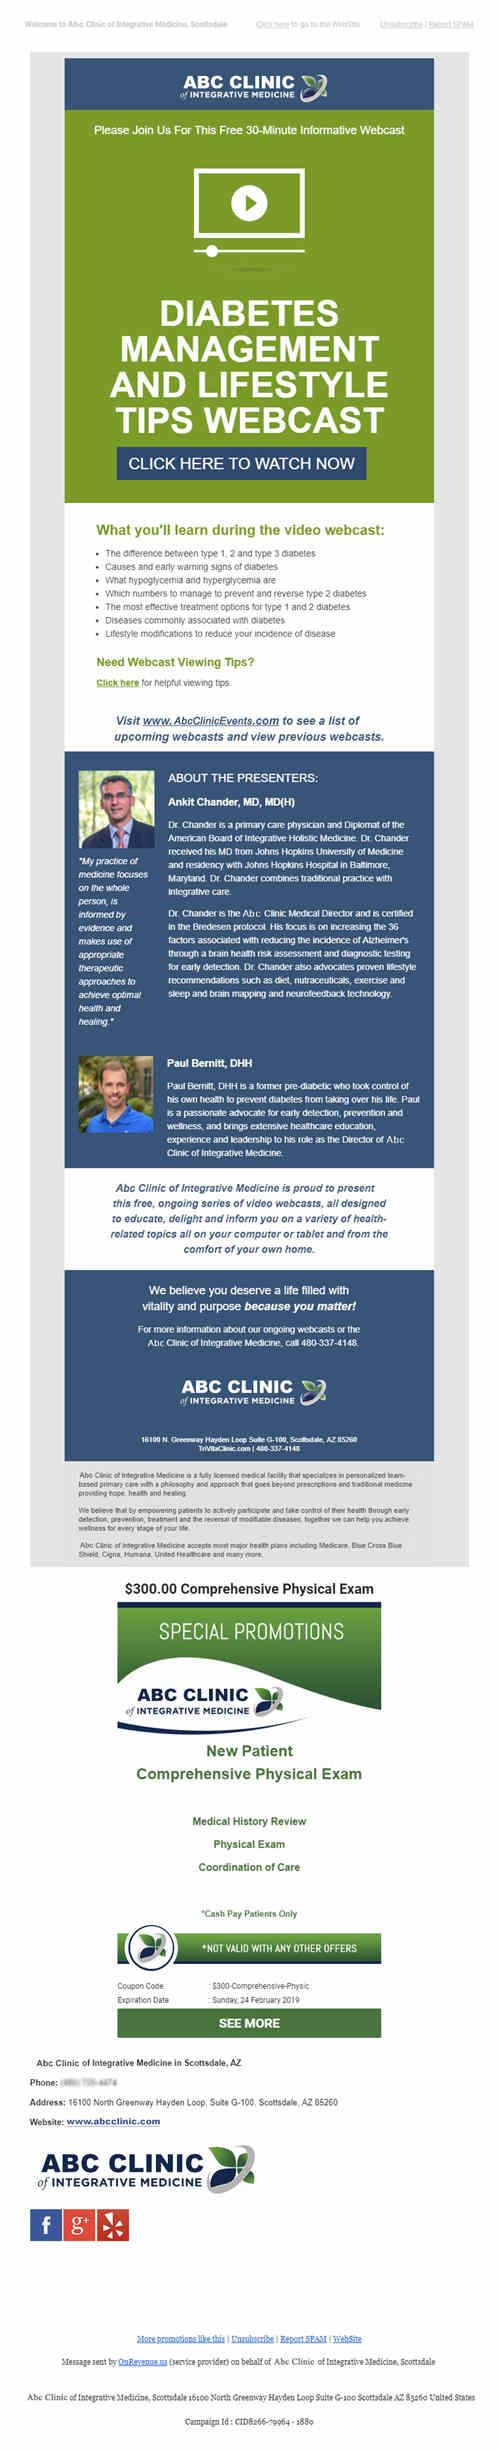 Newsletter Marketing for Doctors